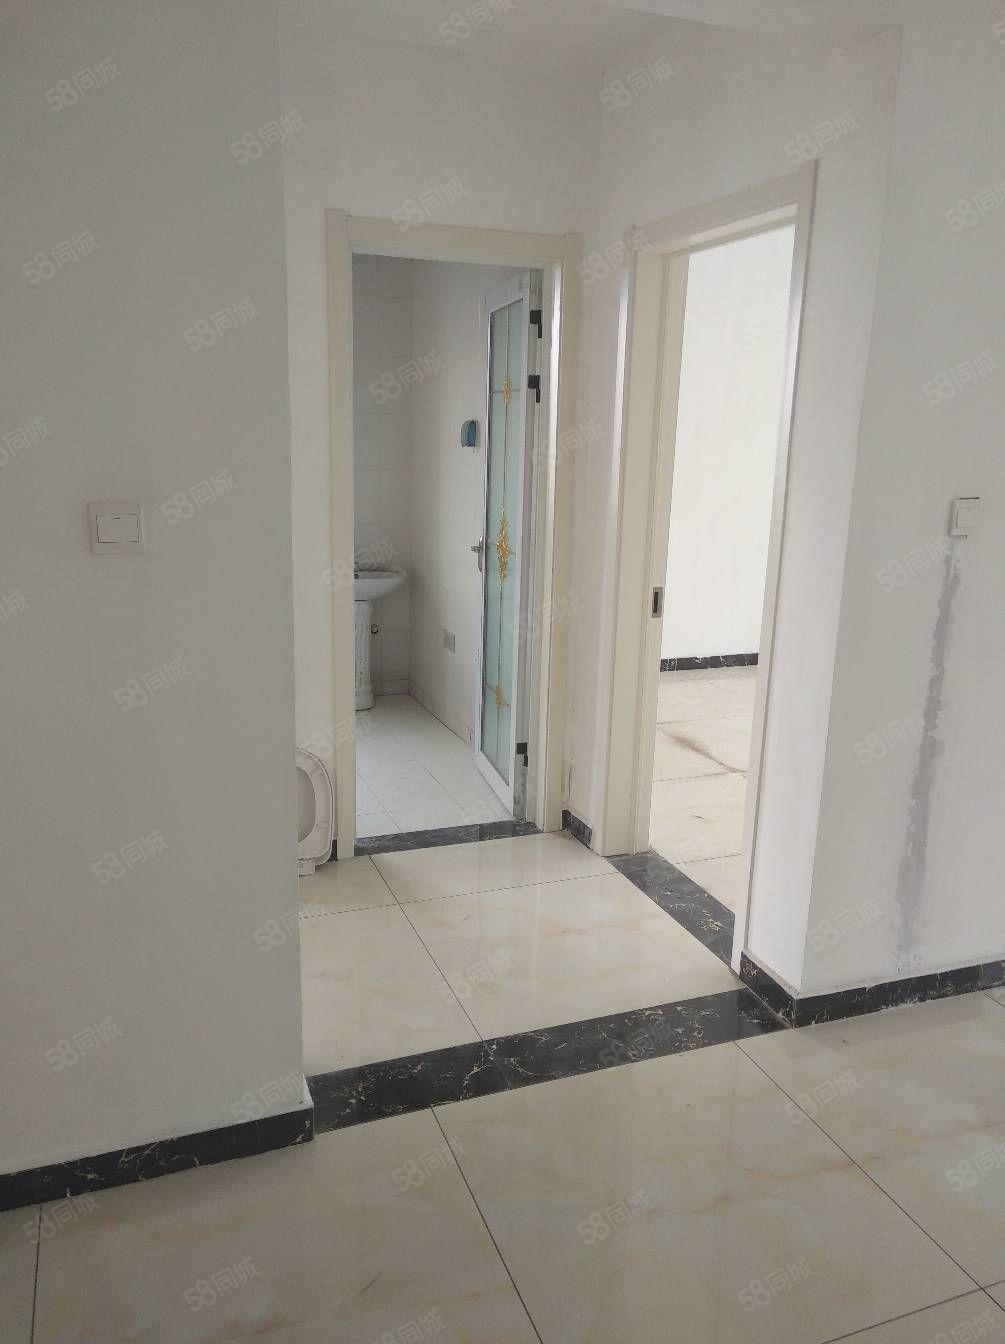 三室两厅两卫,楼房出租,简单装修,空调,热水器油烟机基本简单